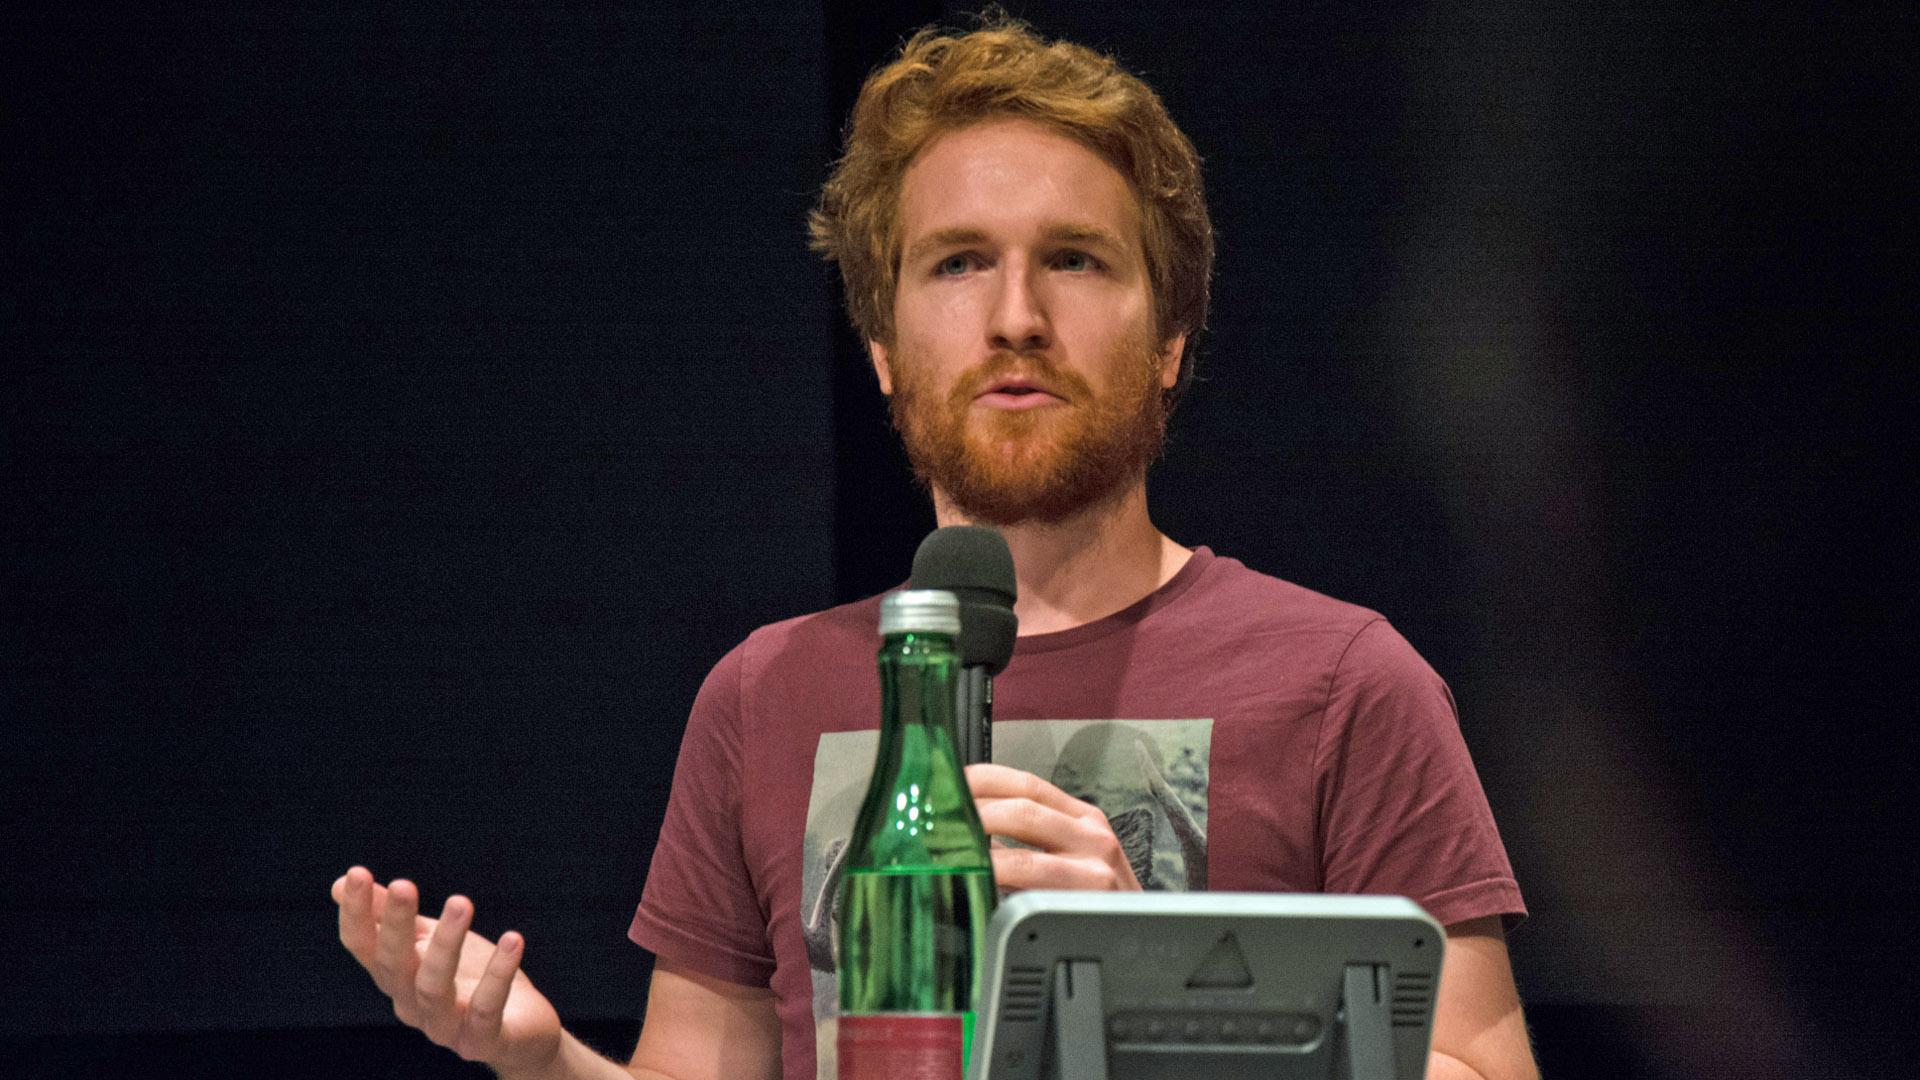 Sebastian Fellner, Journalist bei der österreichischen Zeitung Der Standard, mahnt verantwortungsvolle Suizid-Berichterstattung an